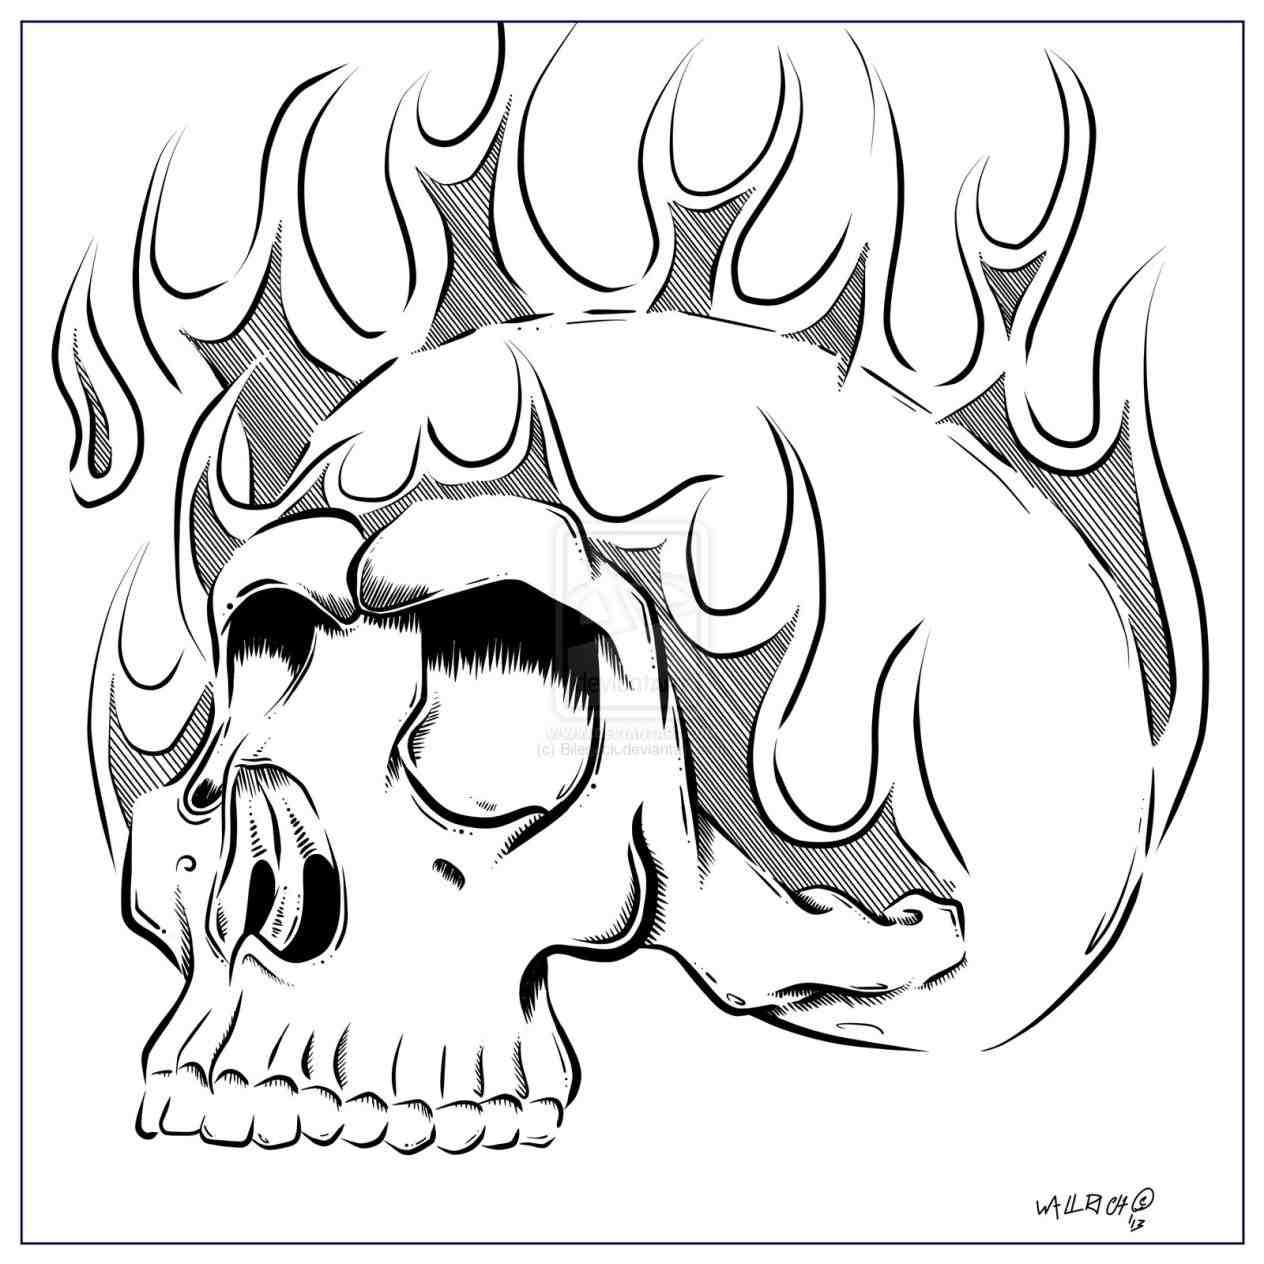 1264x1264 Flaming Skull Stock Vector Art 165624153 Istock. Undead Skull